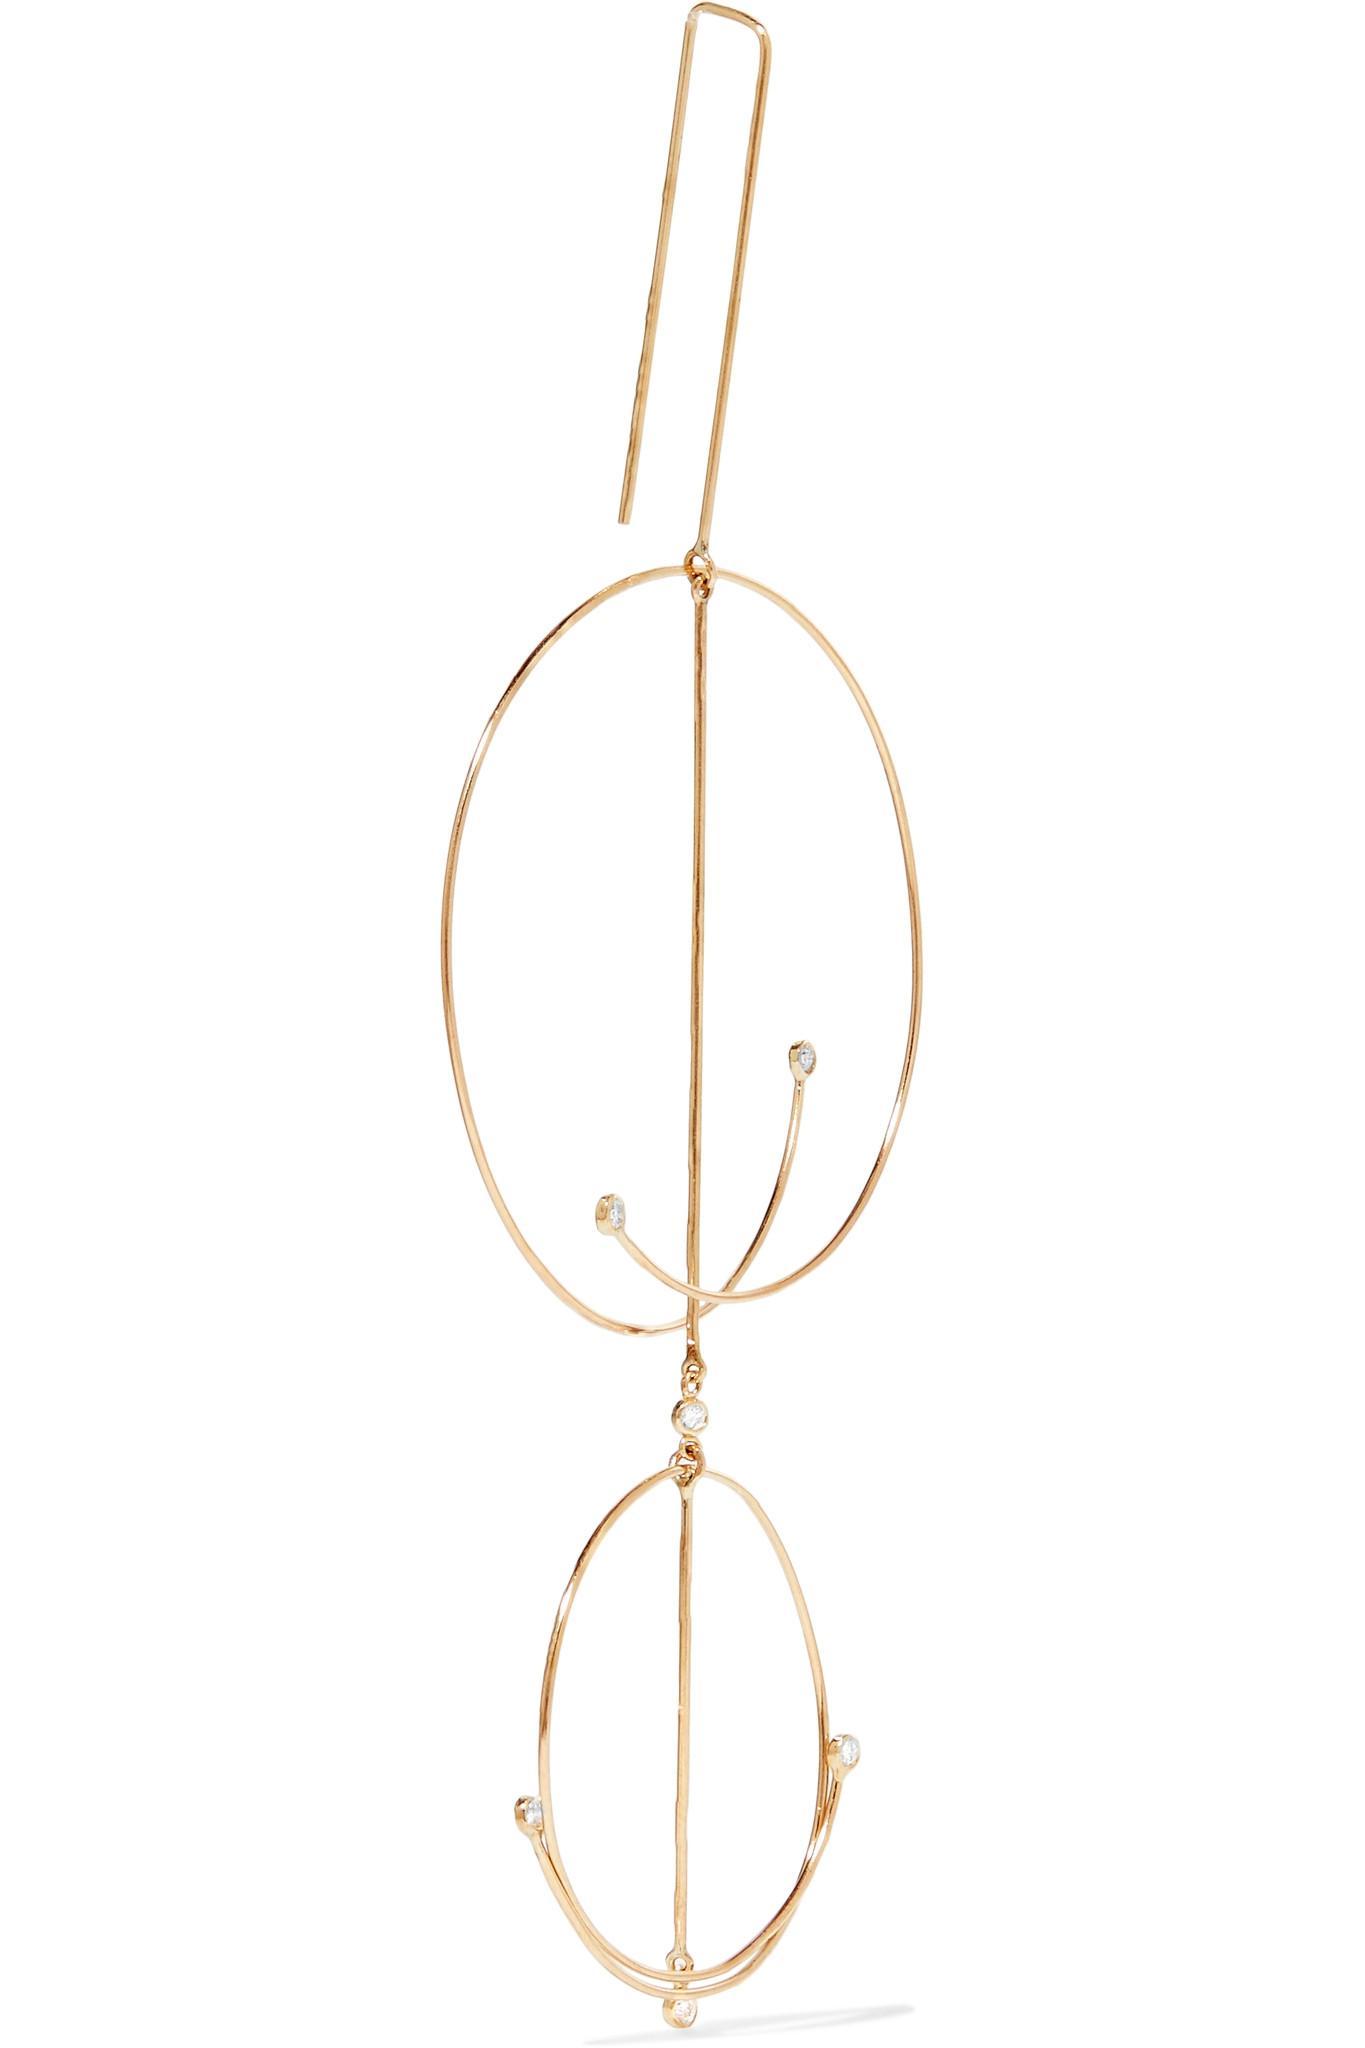 Grace Lee Designs Linear Whisper 14-karat Gold Diamond Earring jXcgoK